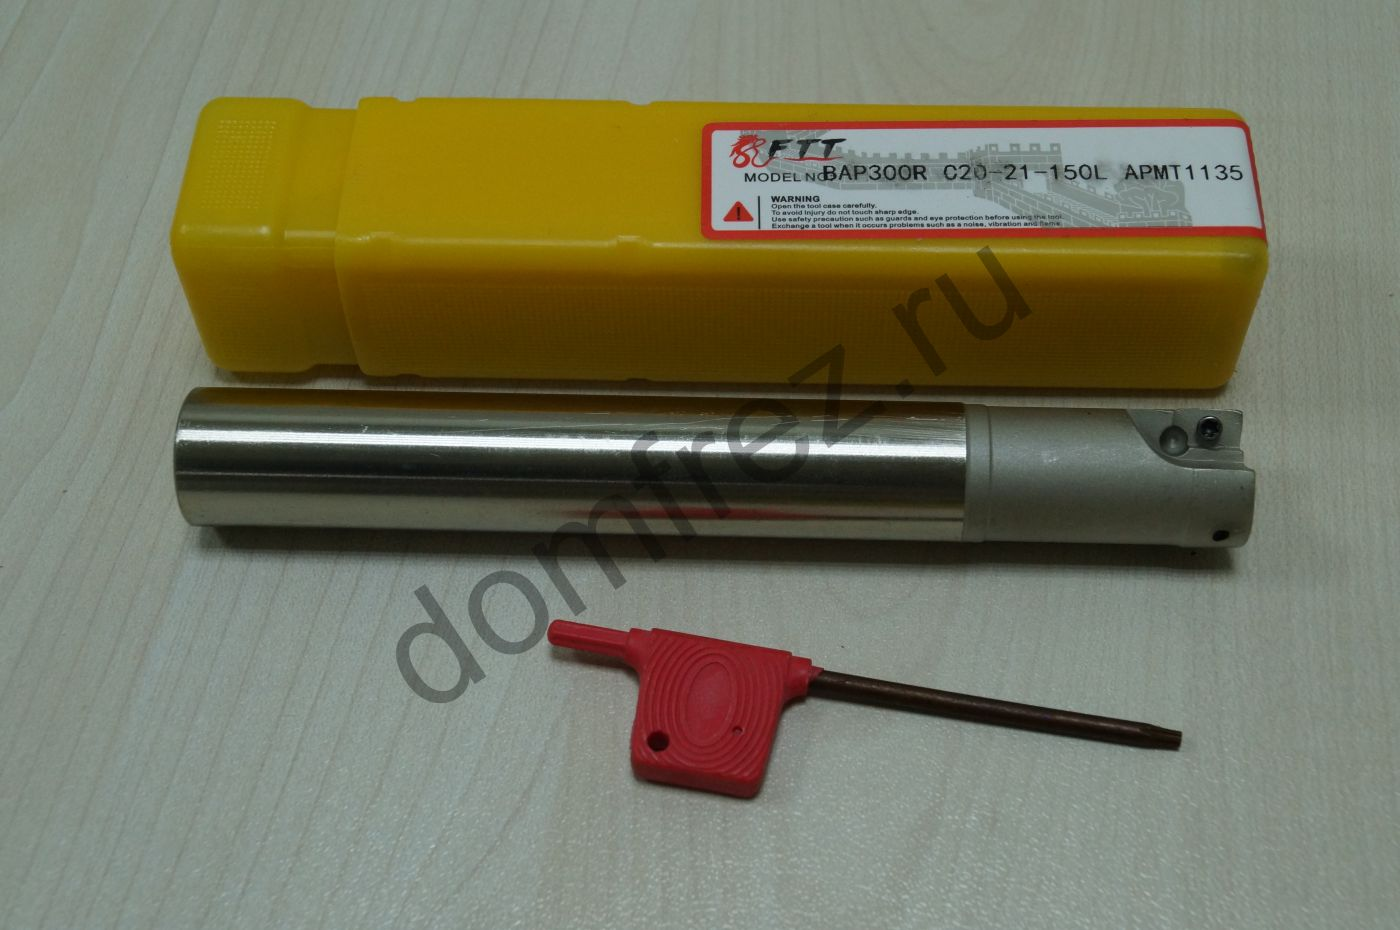 Оправка фрезерная BAP300R C20-21-150